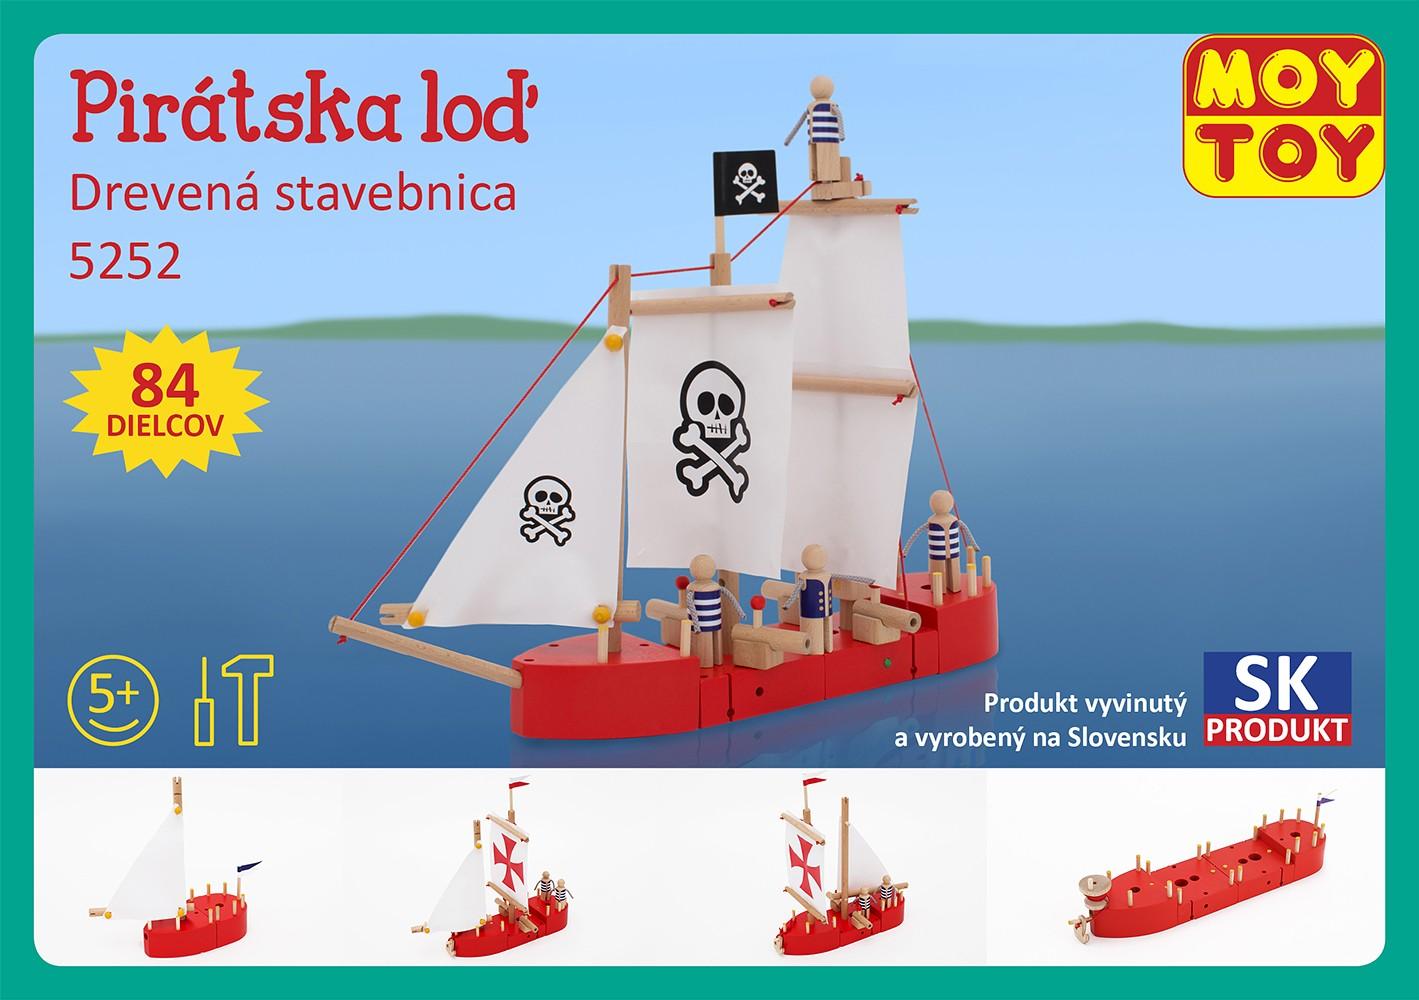 Moy Toy Dřevěná stavebnice Pirátská loď Moy Toy